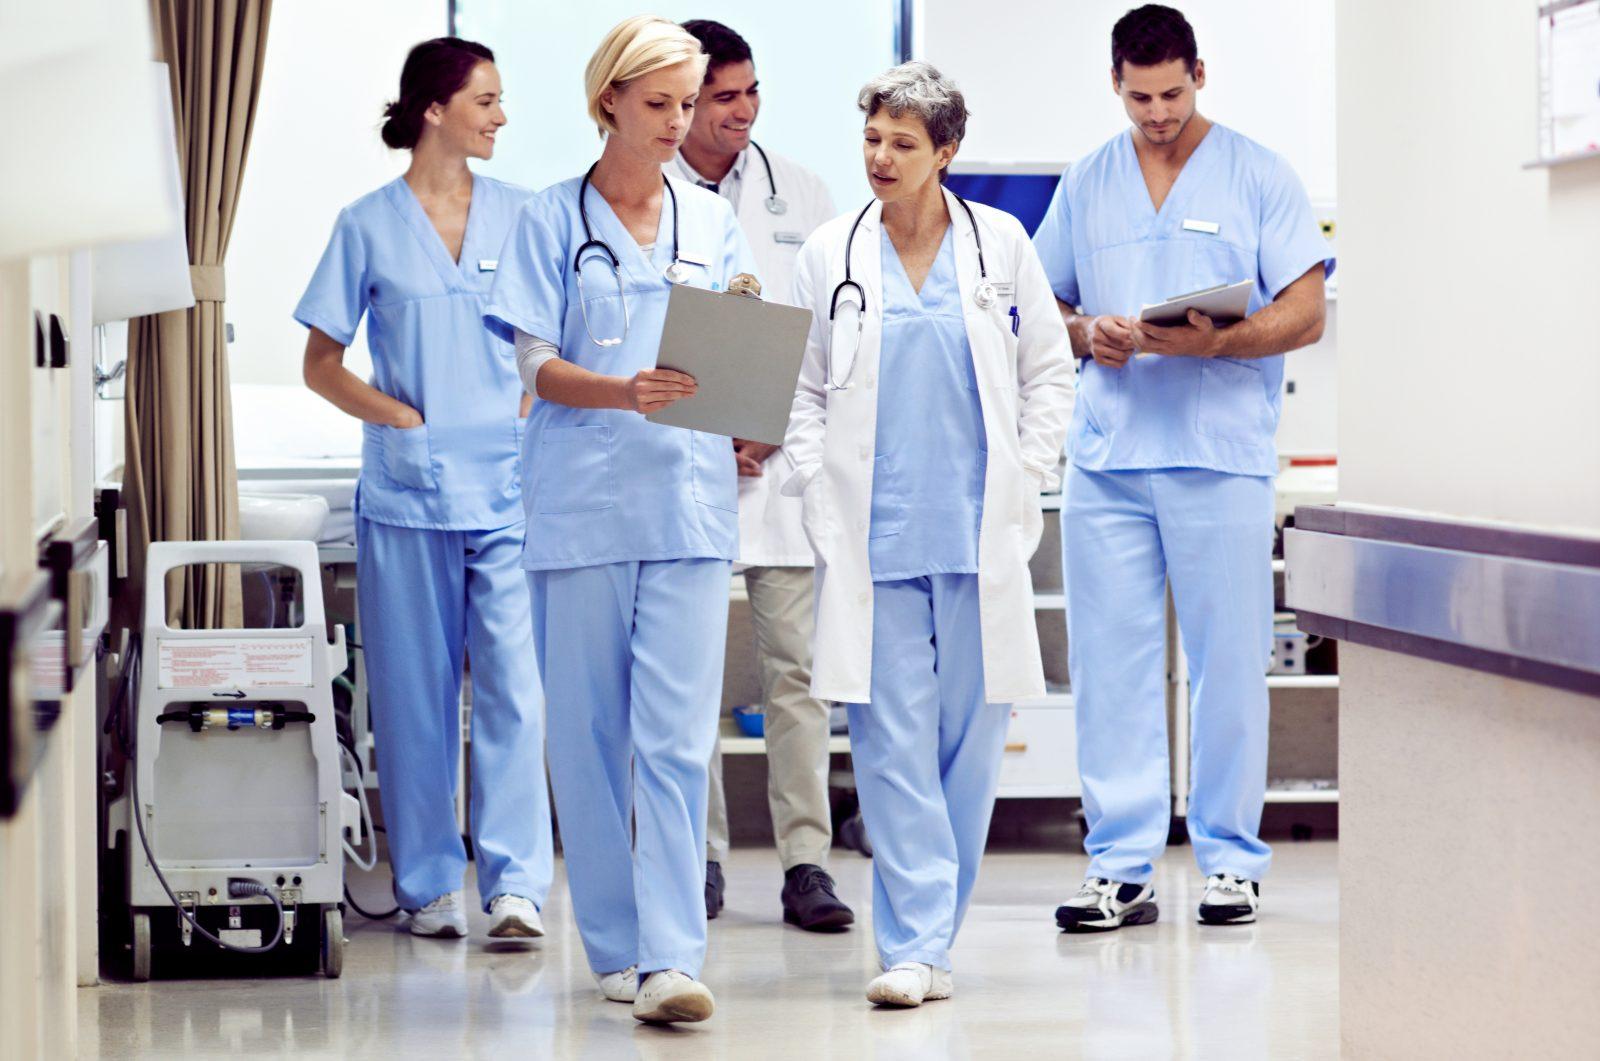 läkare rör sig i korridor och tittar på dokument